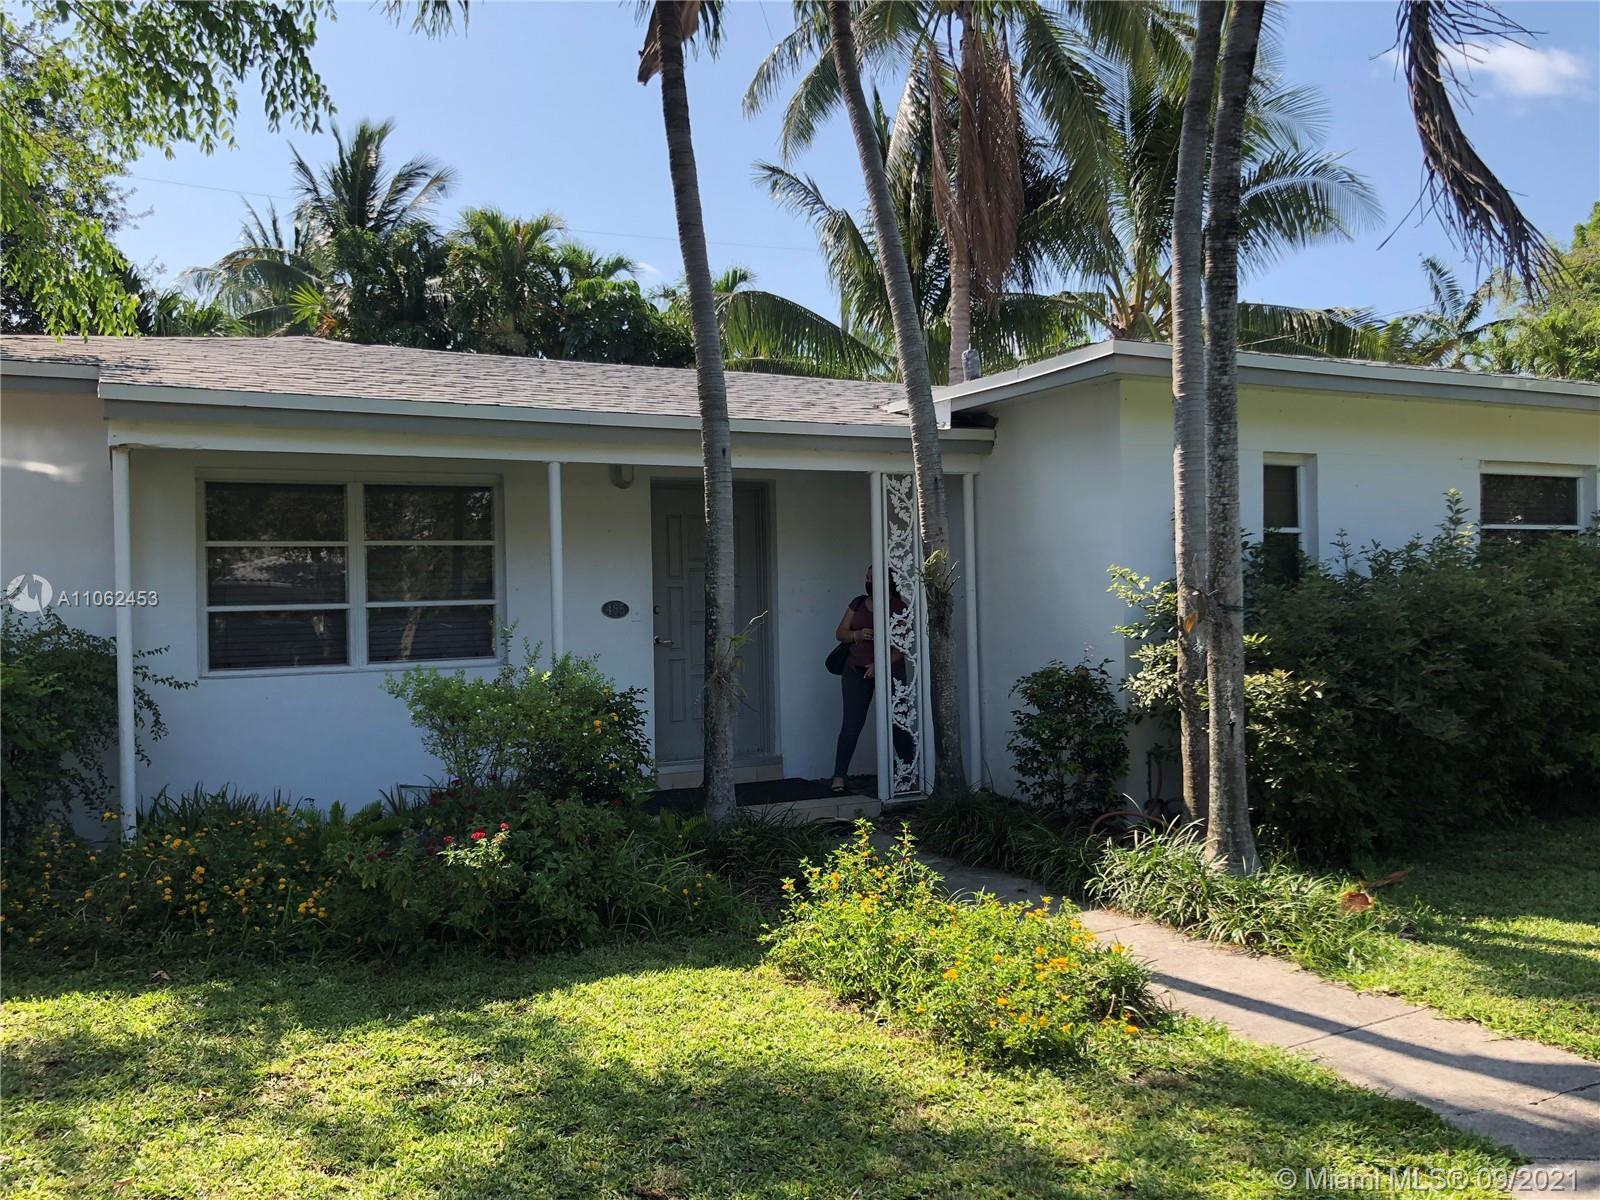 Tropical Isle Homes - 485 Warren Ln, Key Biscayne, FL 33149